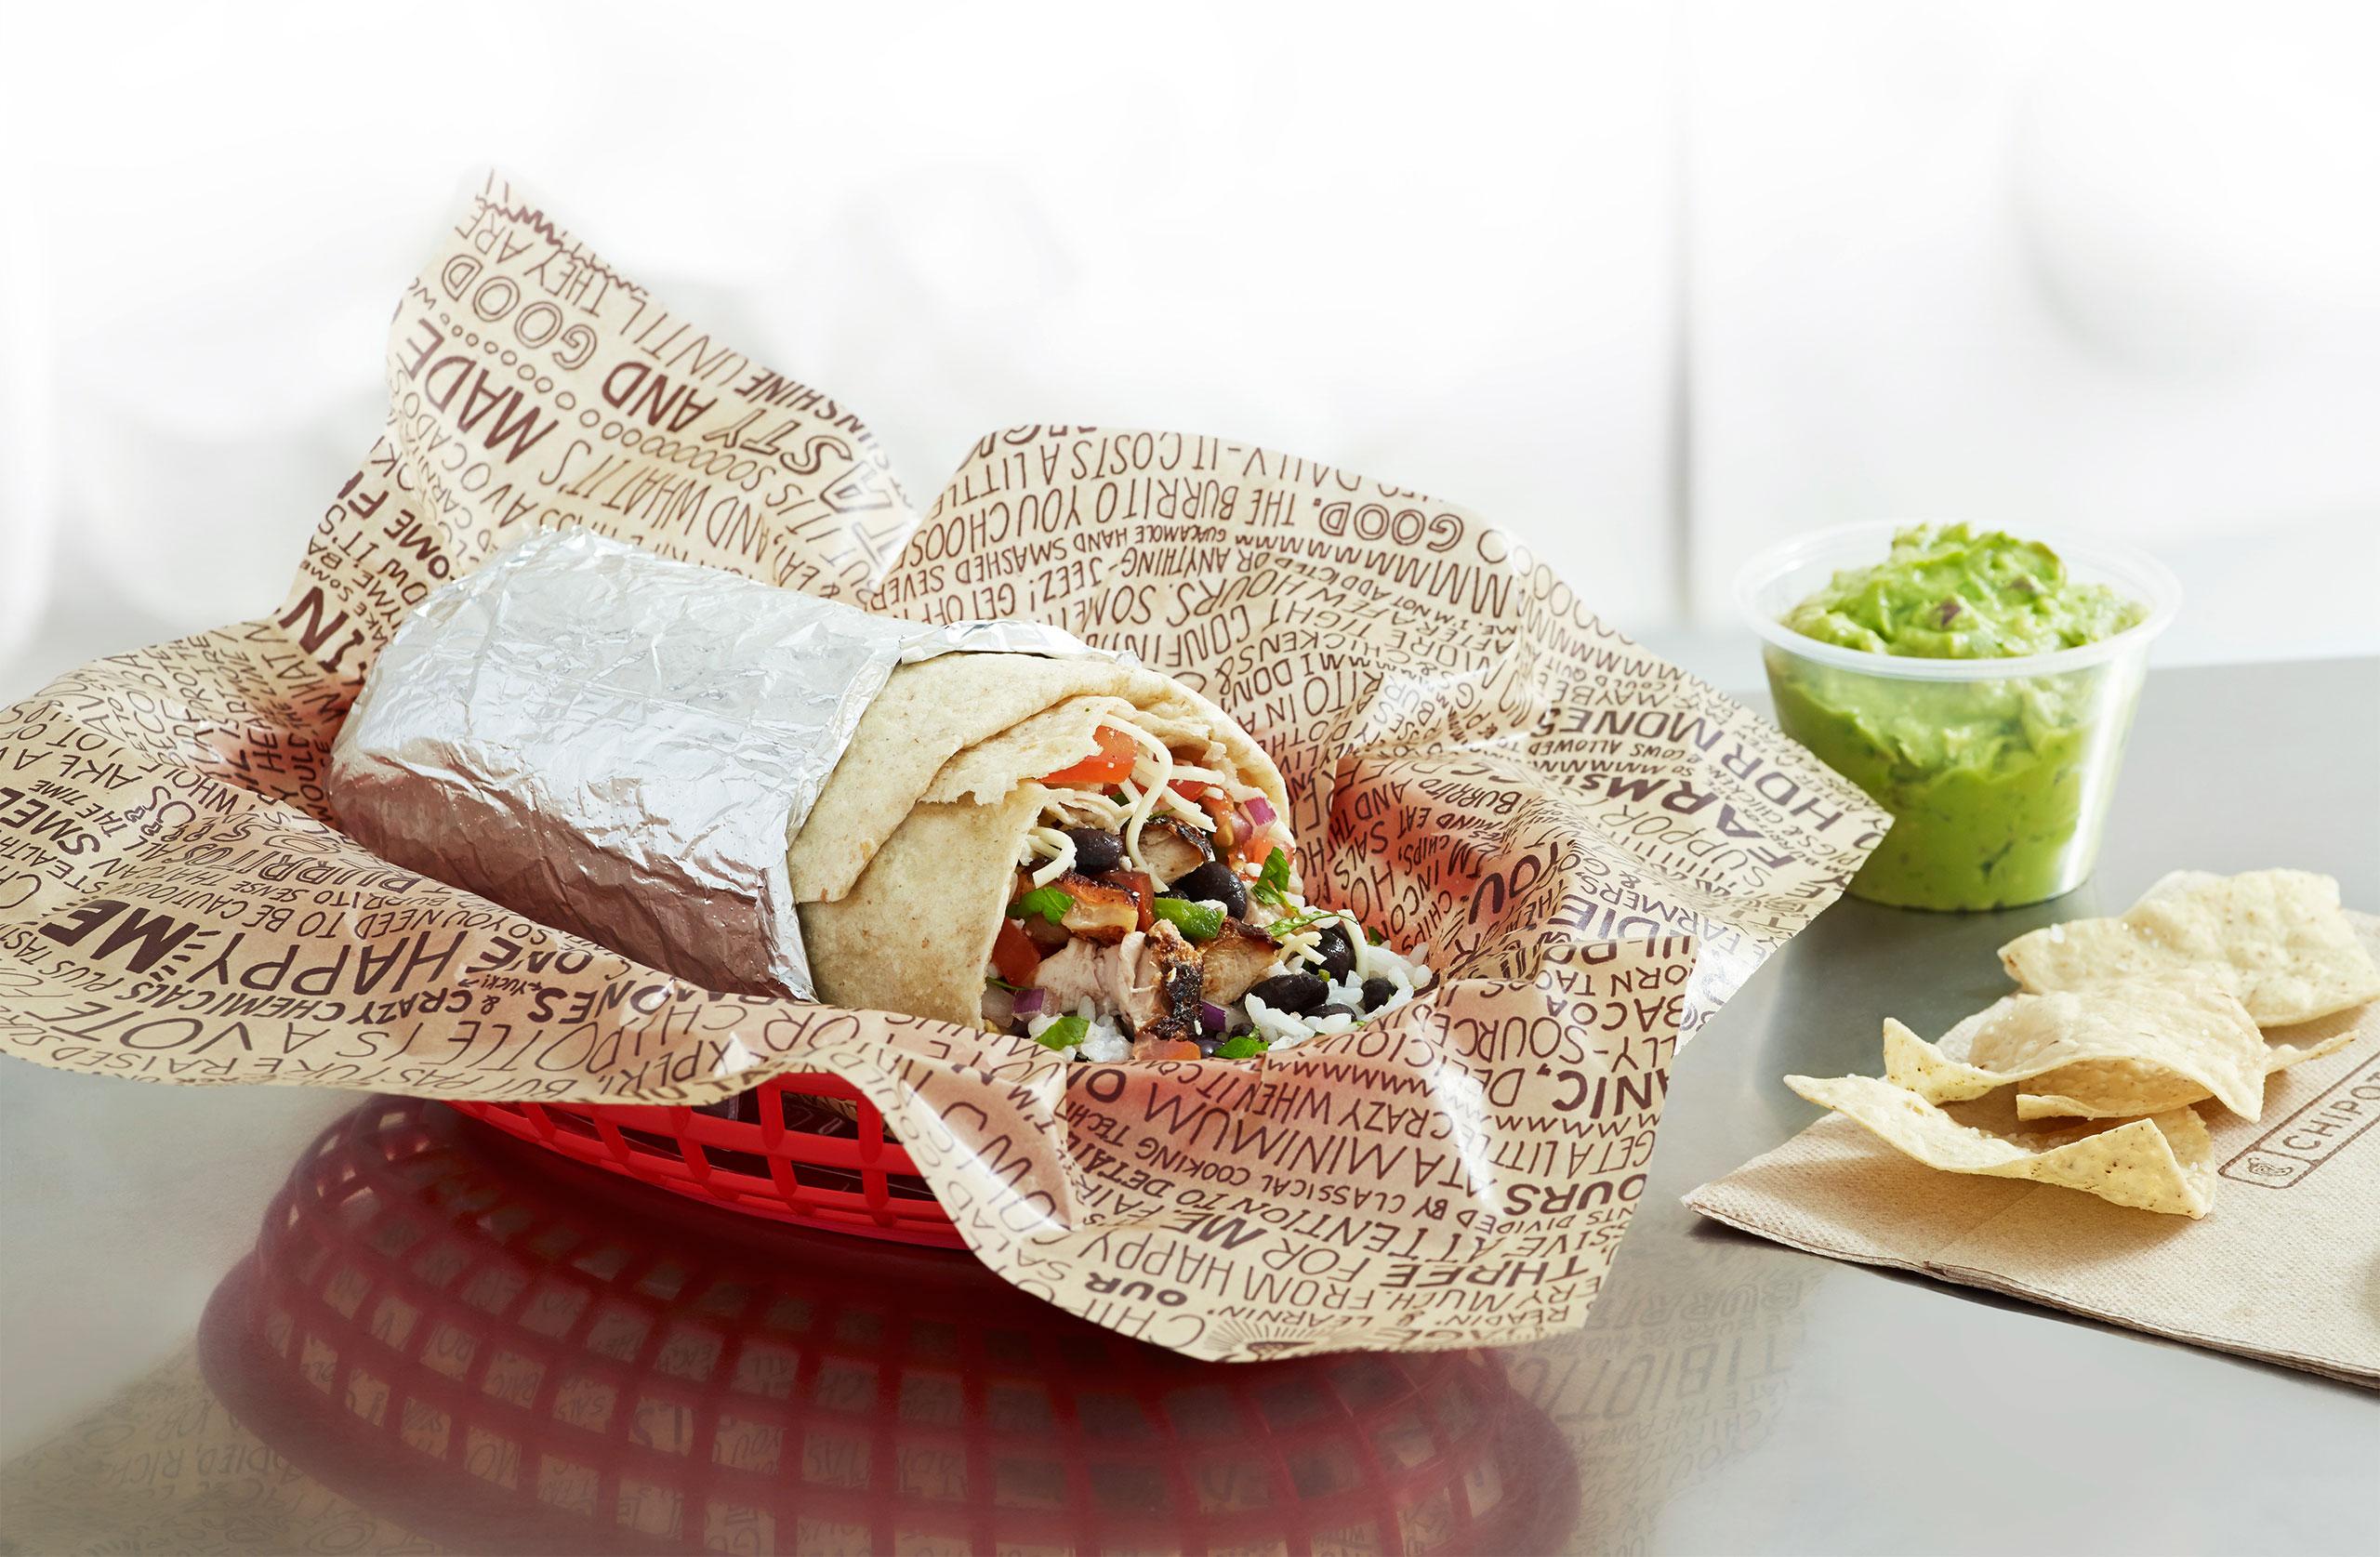 A Chipotle burrito in signature tinfoil wrapper.